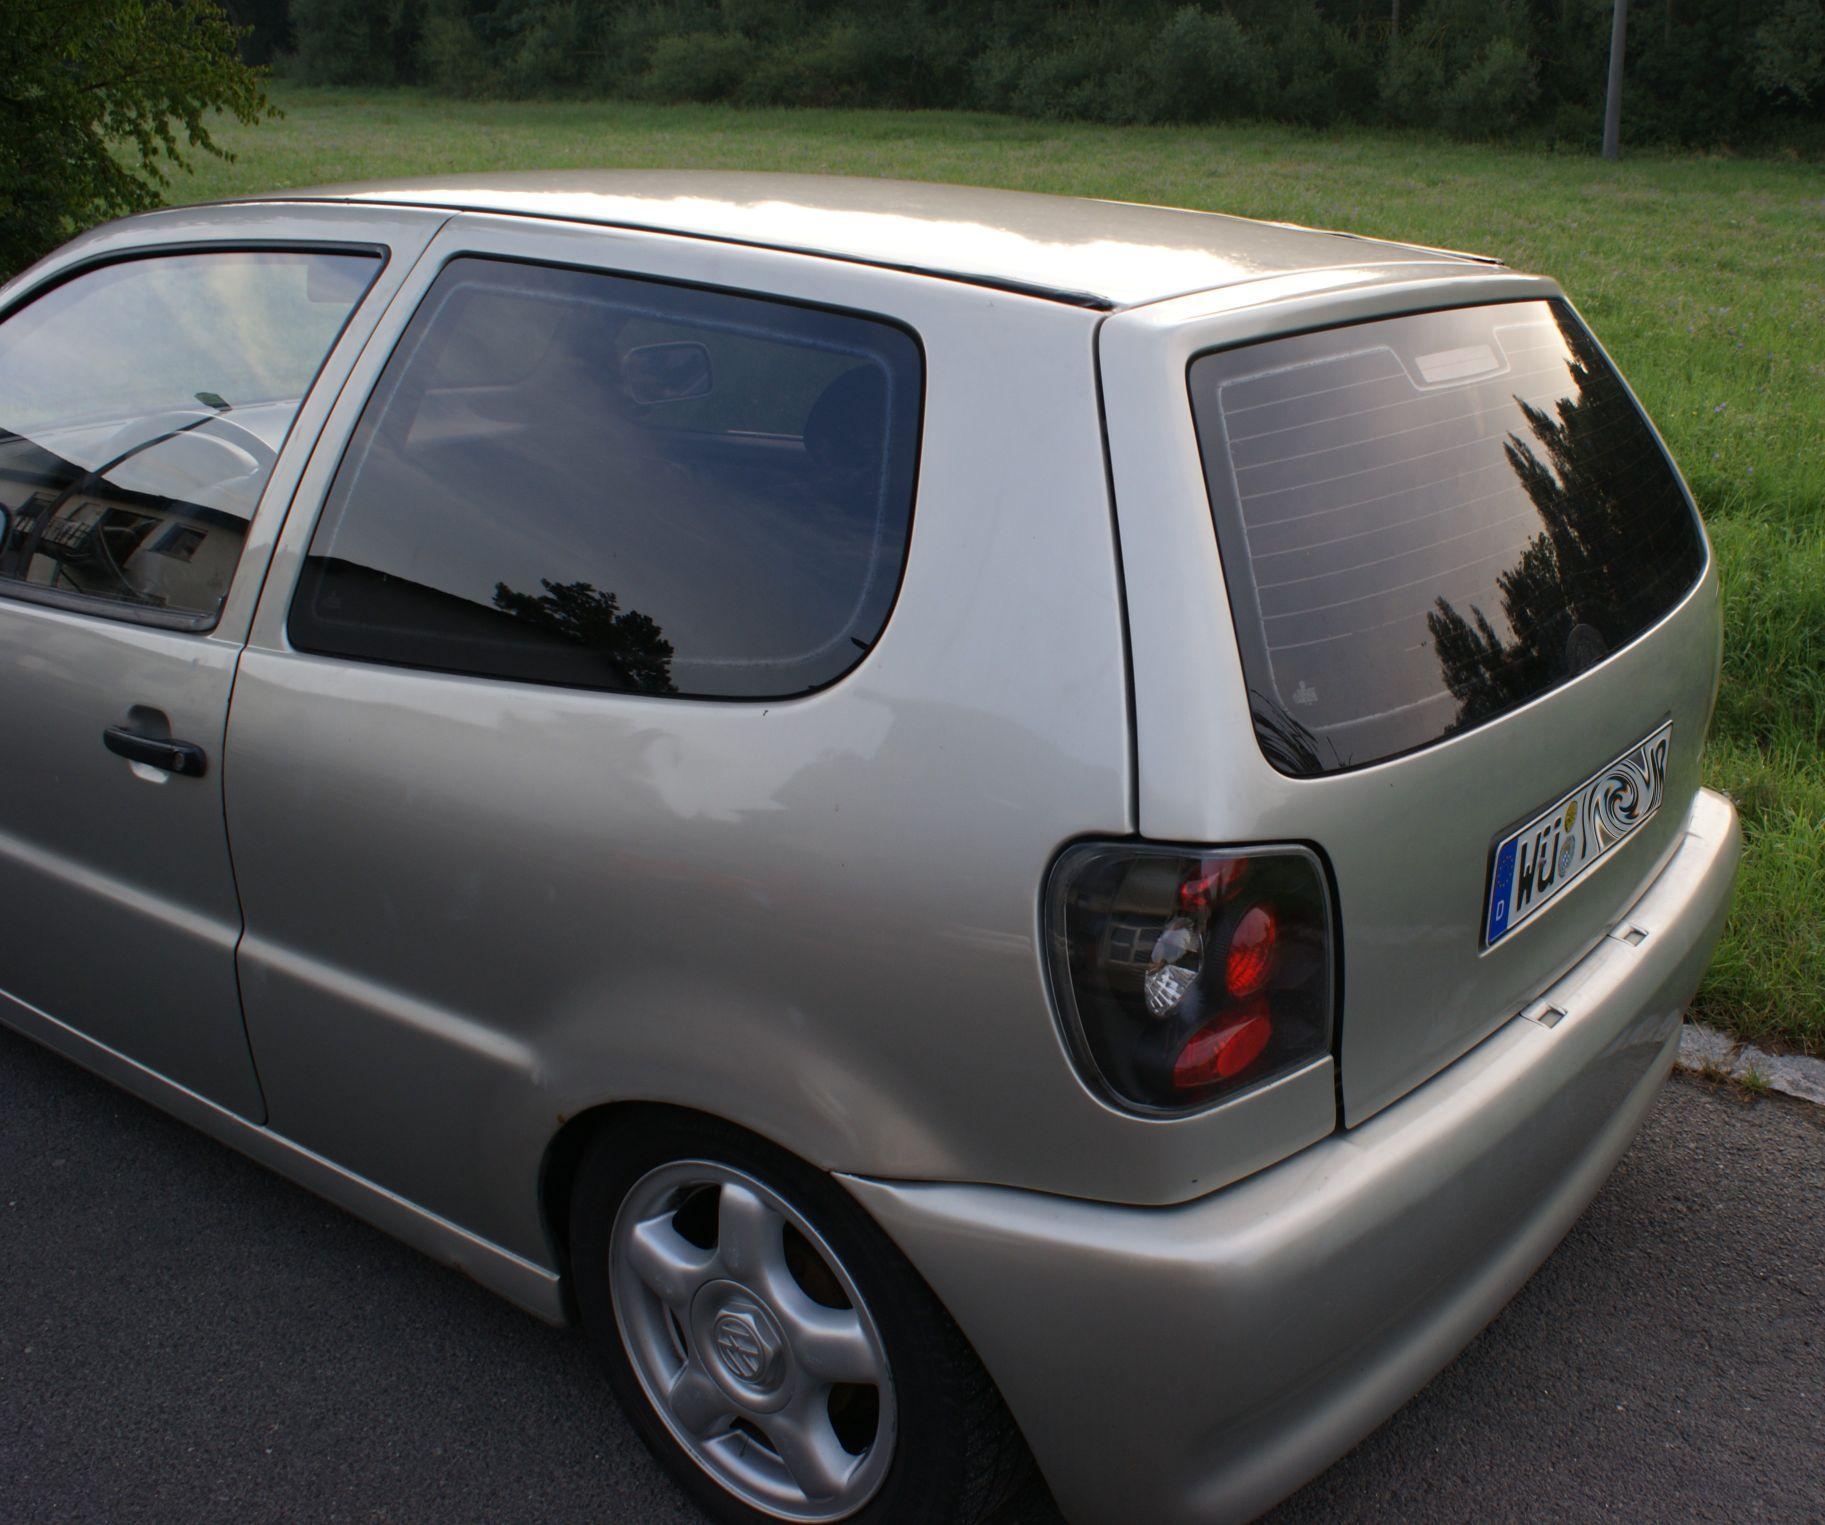 VW Polo Tönung